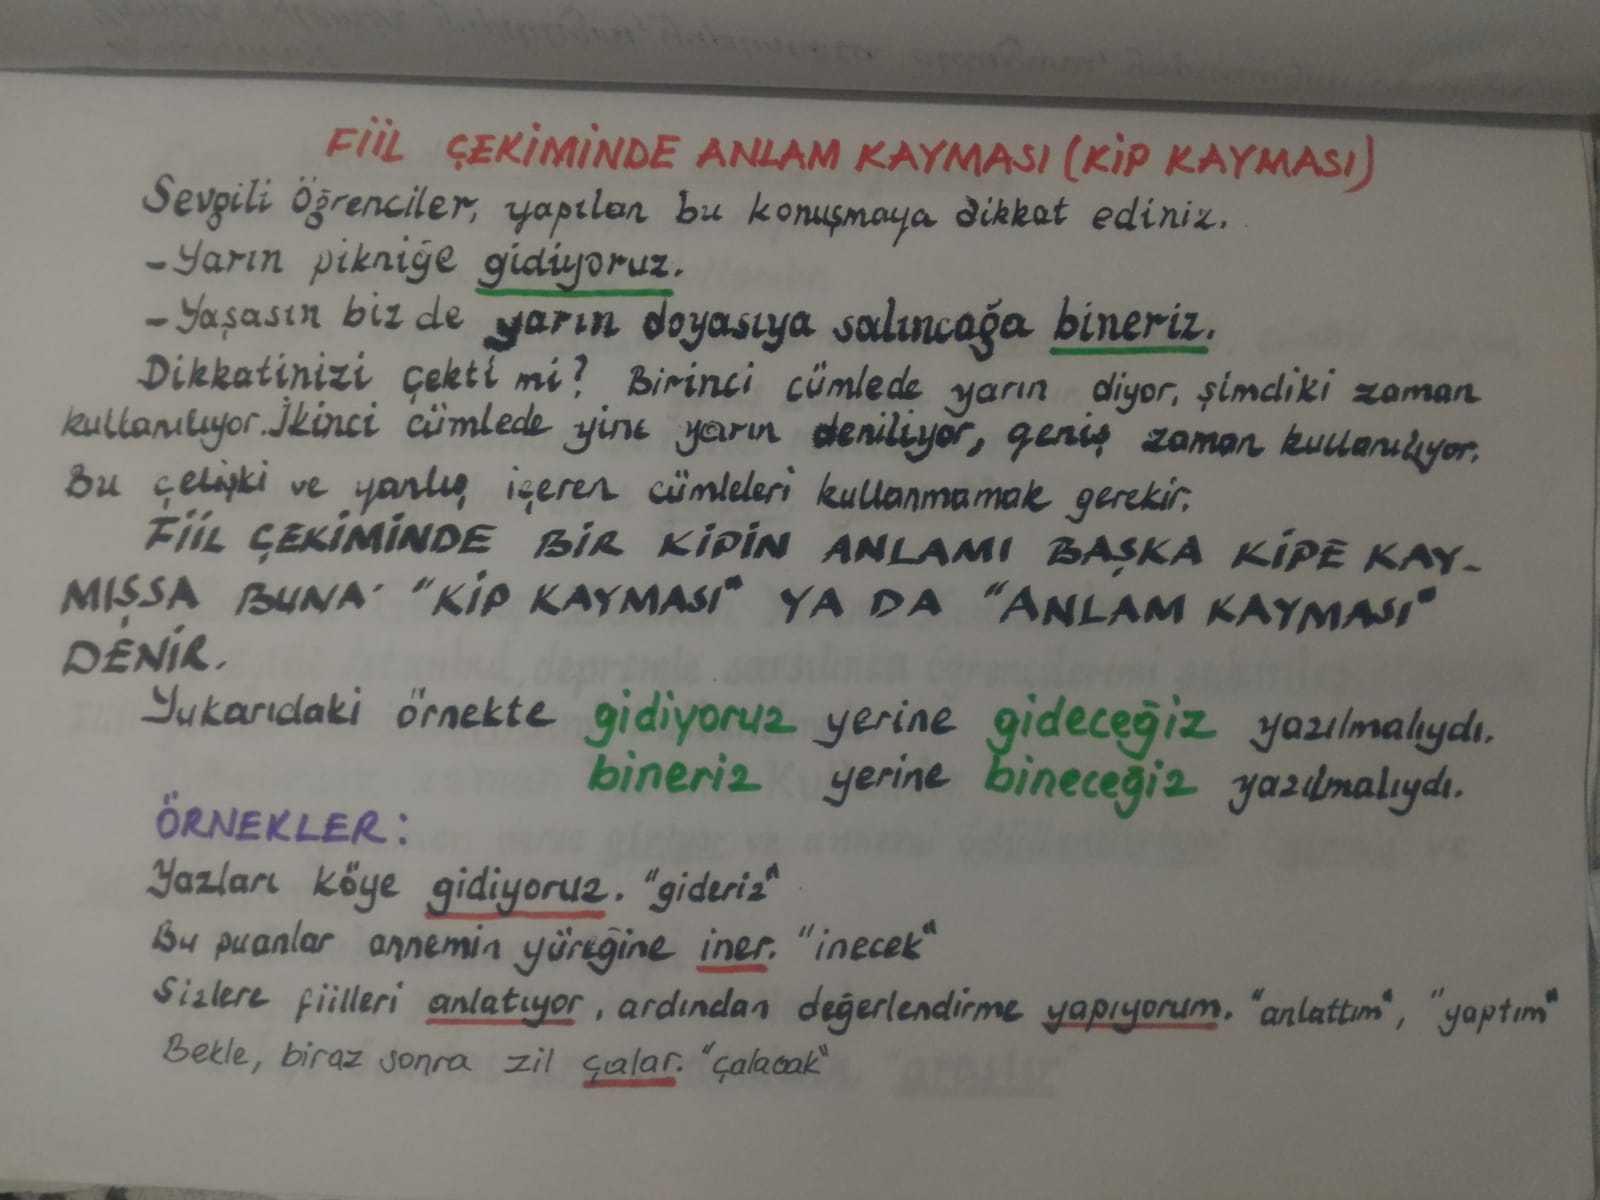 kip_kayması_1